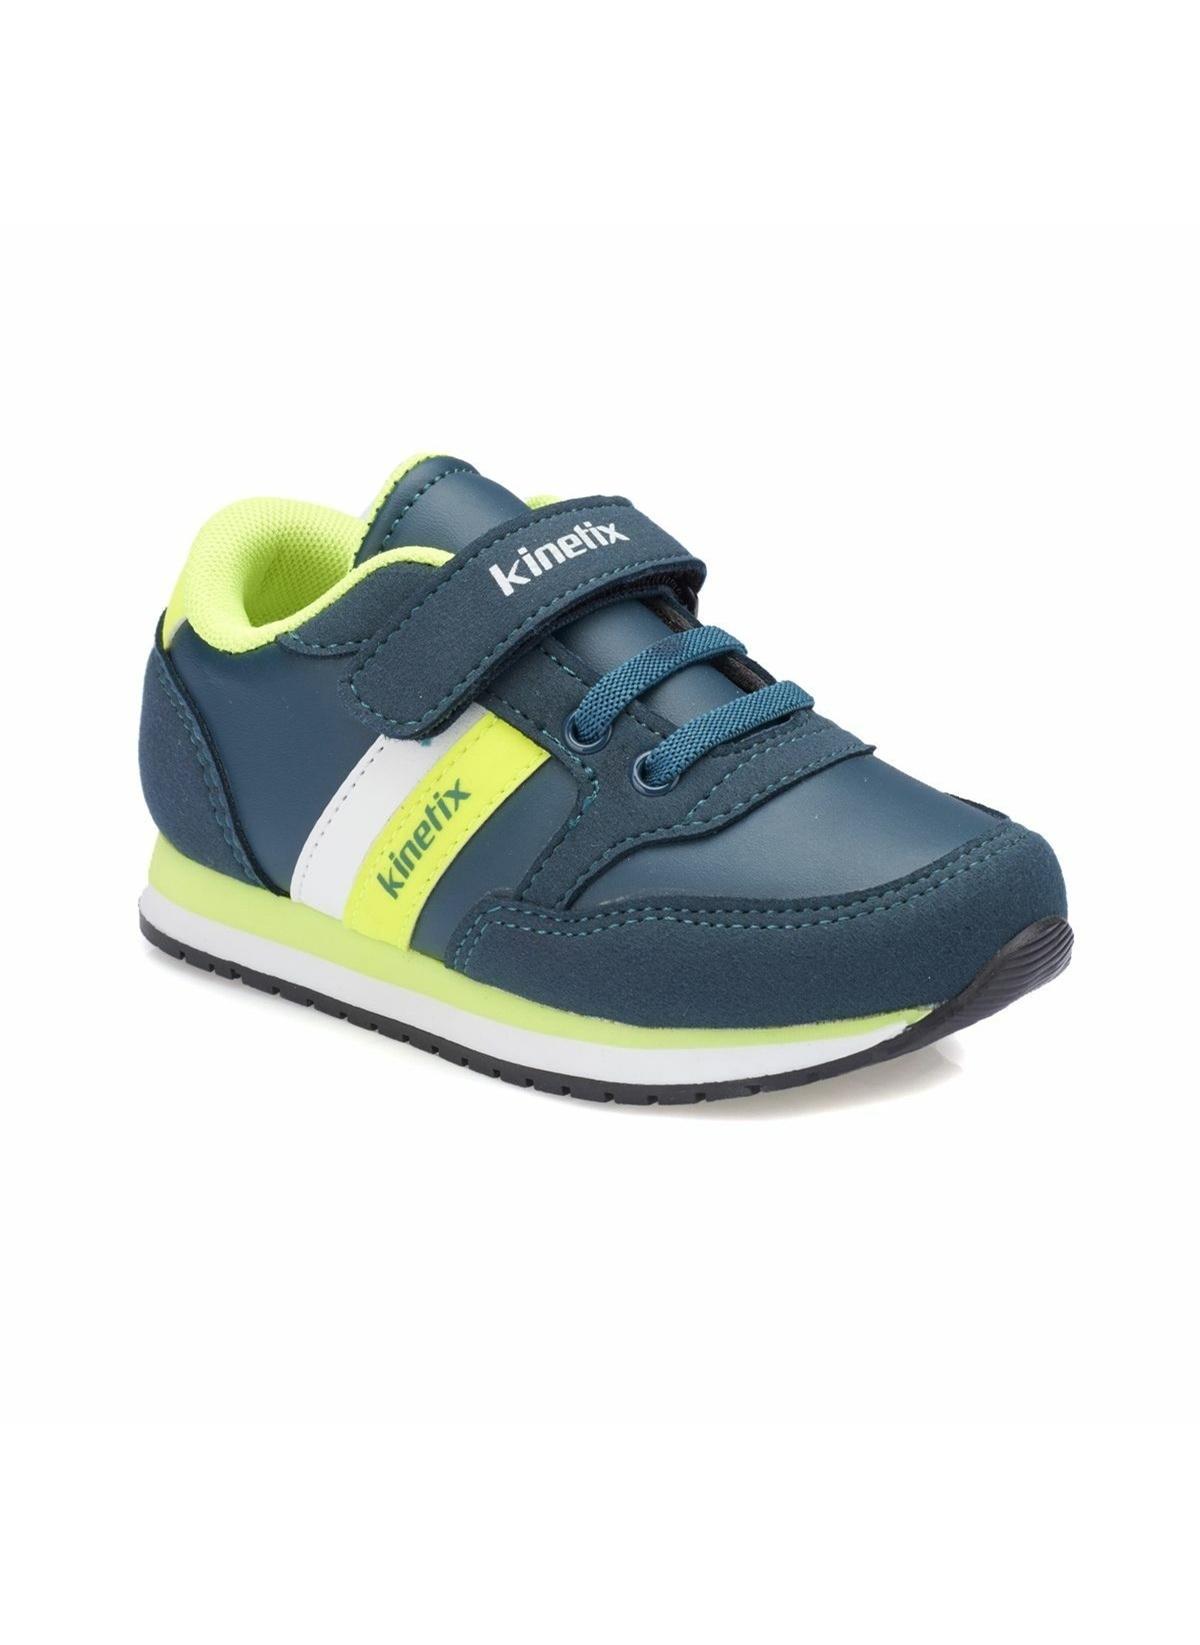 Kinetix Spor Ayakkabı Payof Pu Sneaker – 74.99 TL